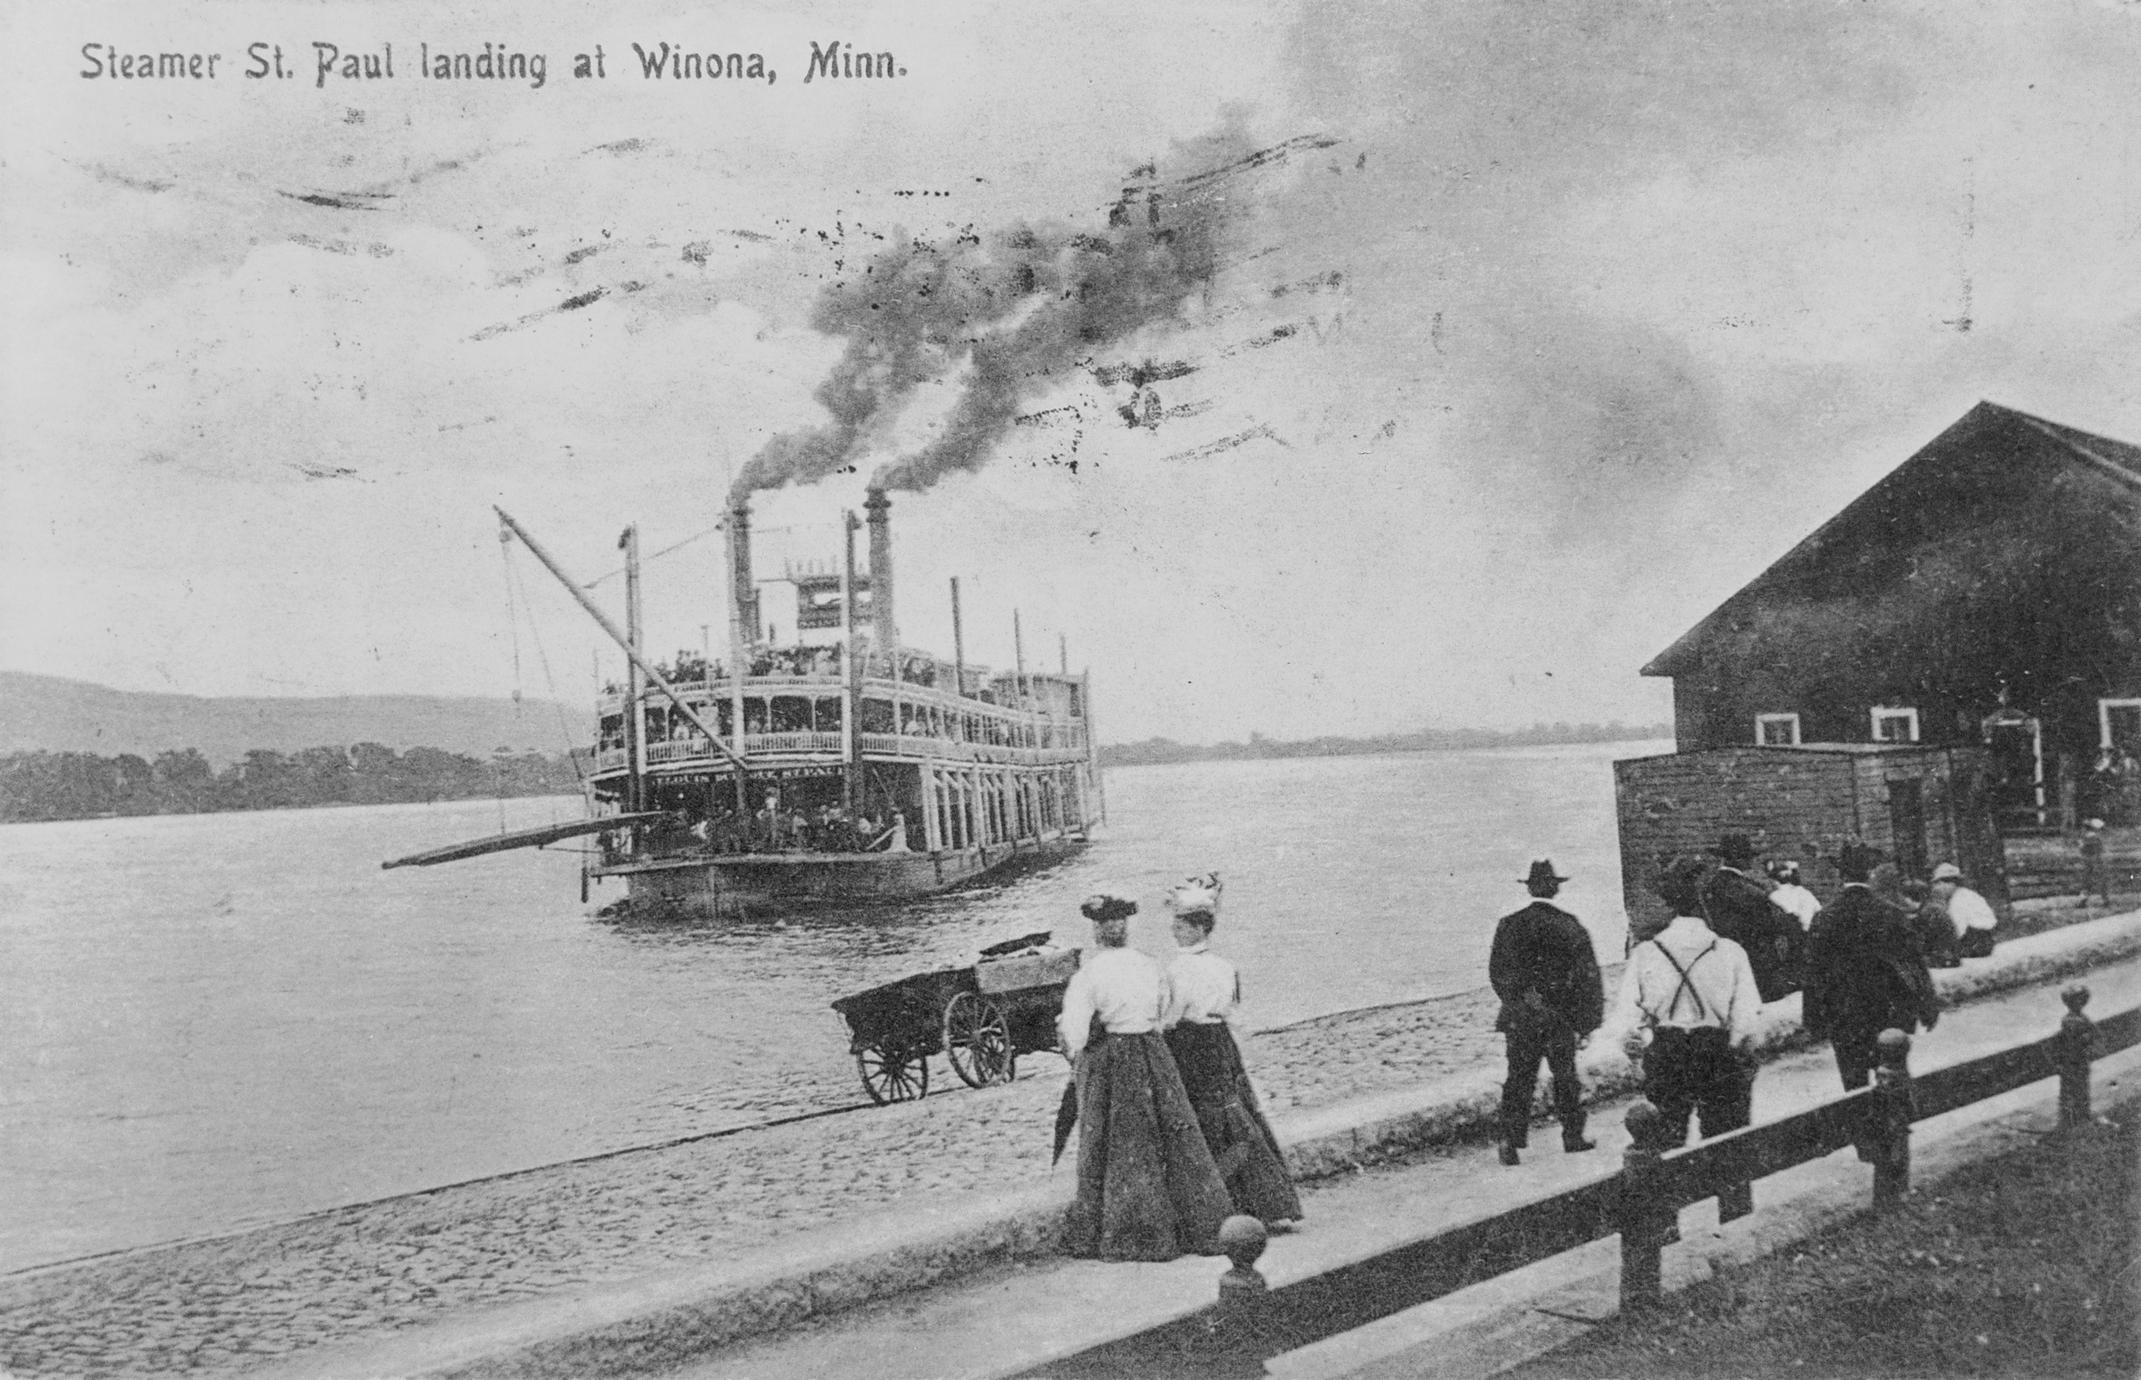 Saint Paul (Packet/Excursion boat, 1883-1940)